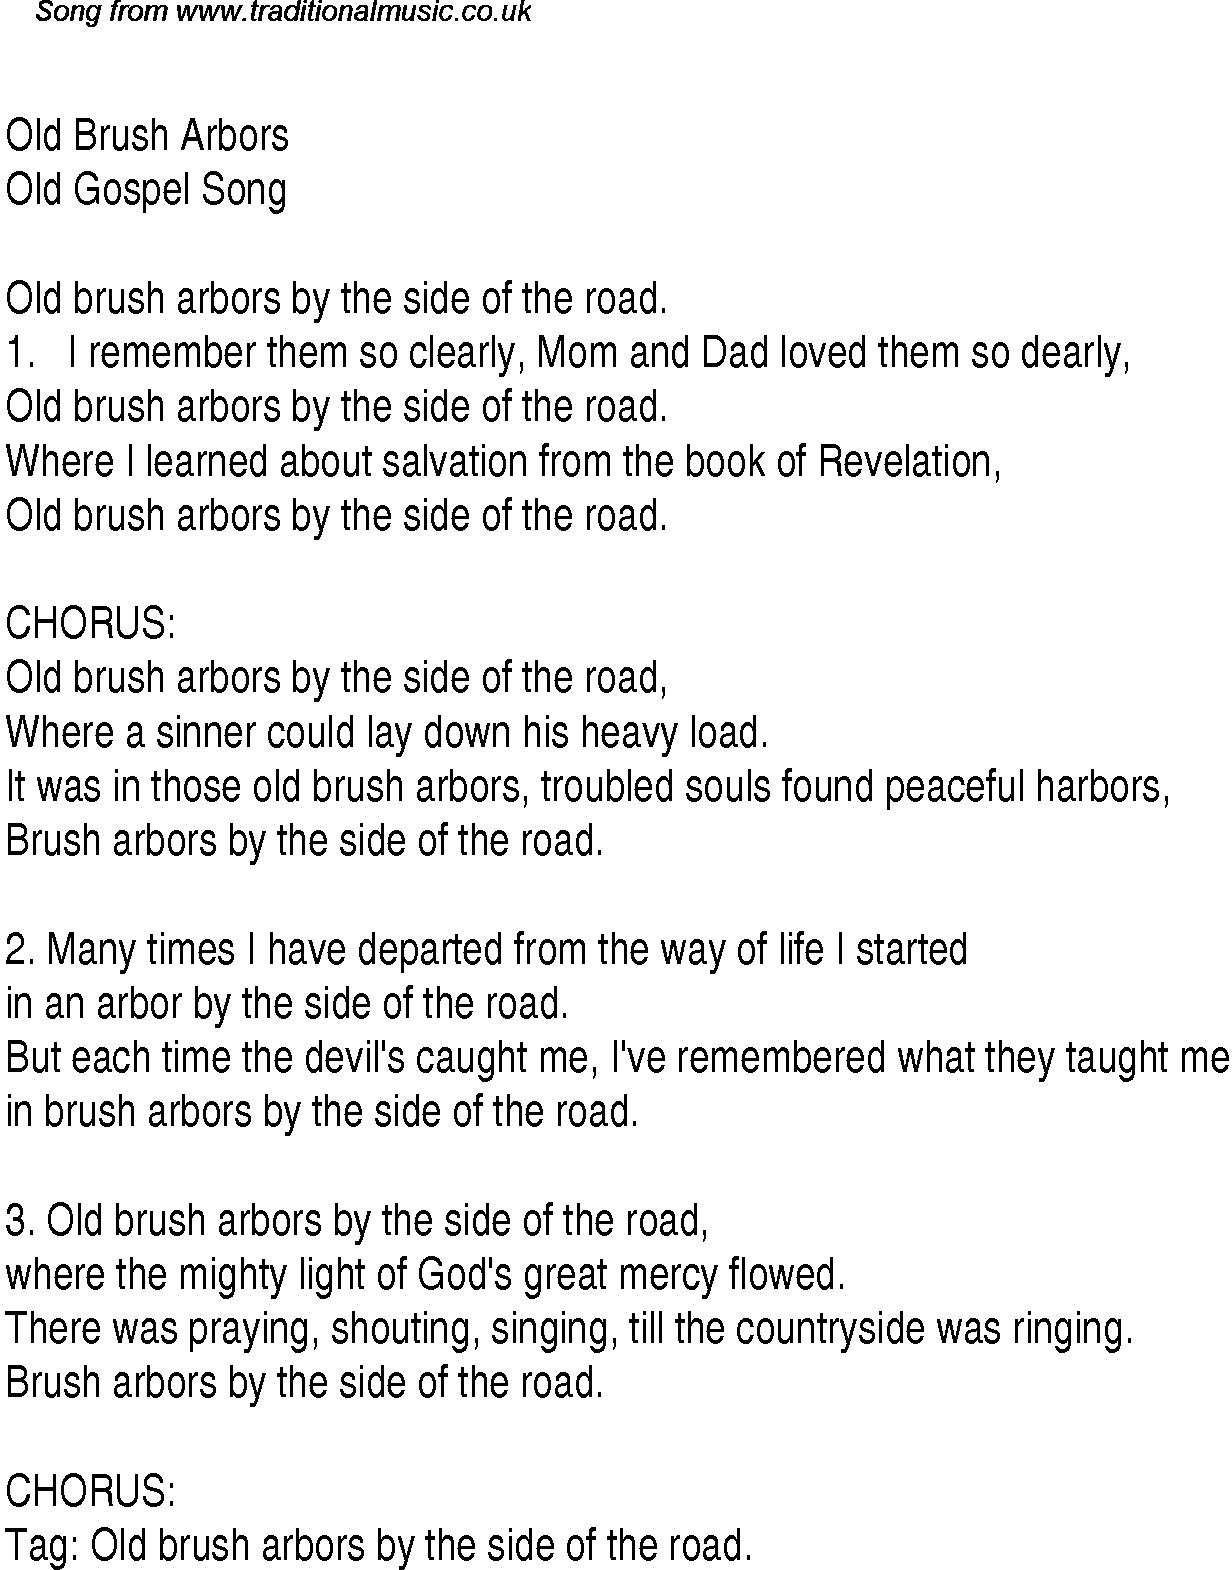 Revelation Song Chords Old Brush Arbors Christian Gospel Song Lyrics And Chords